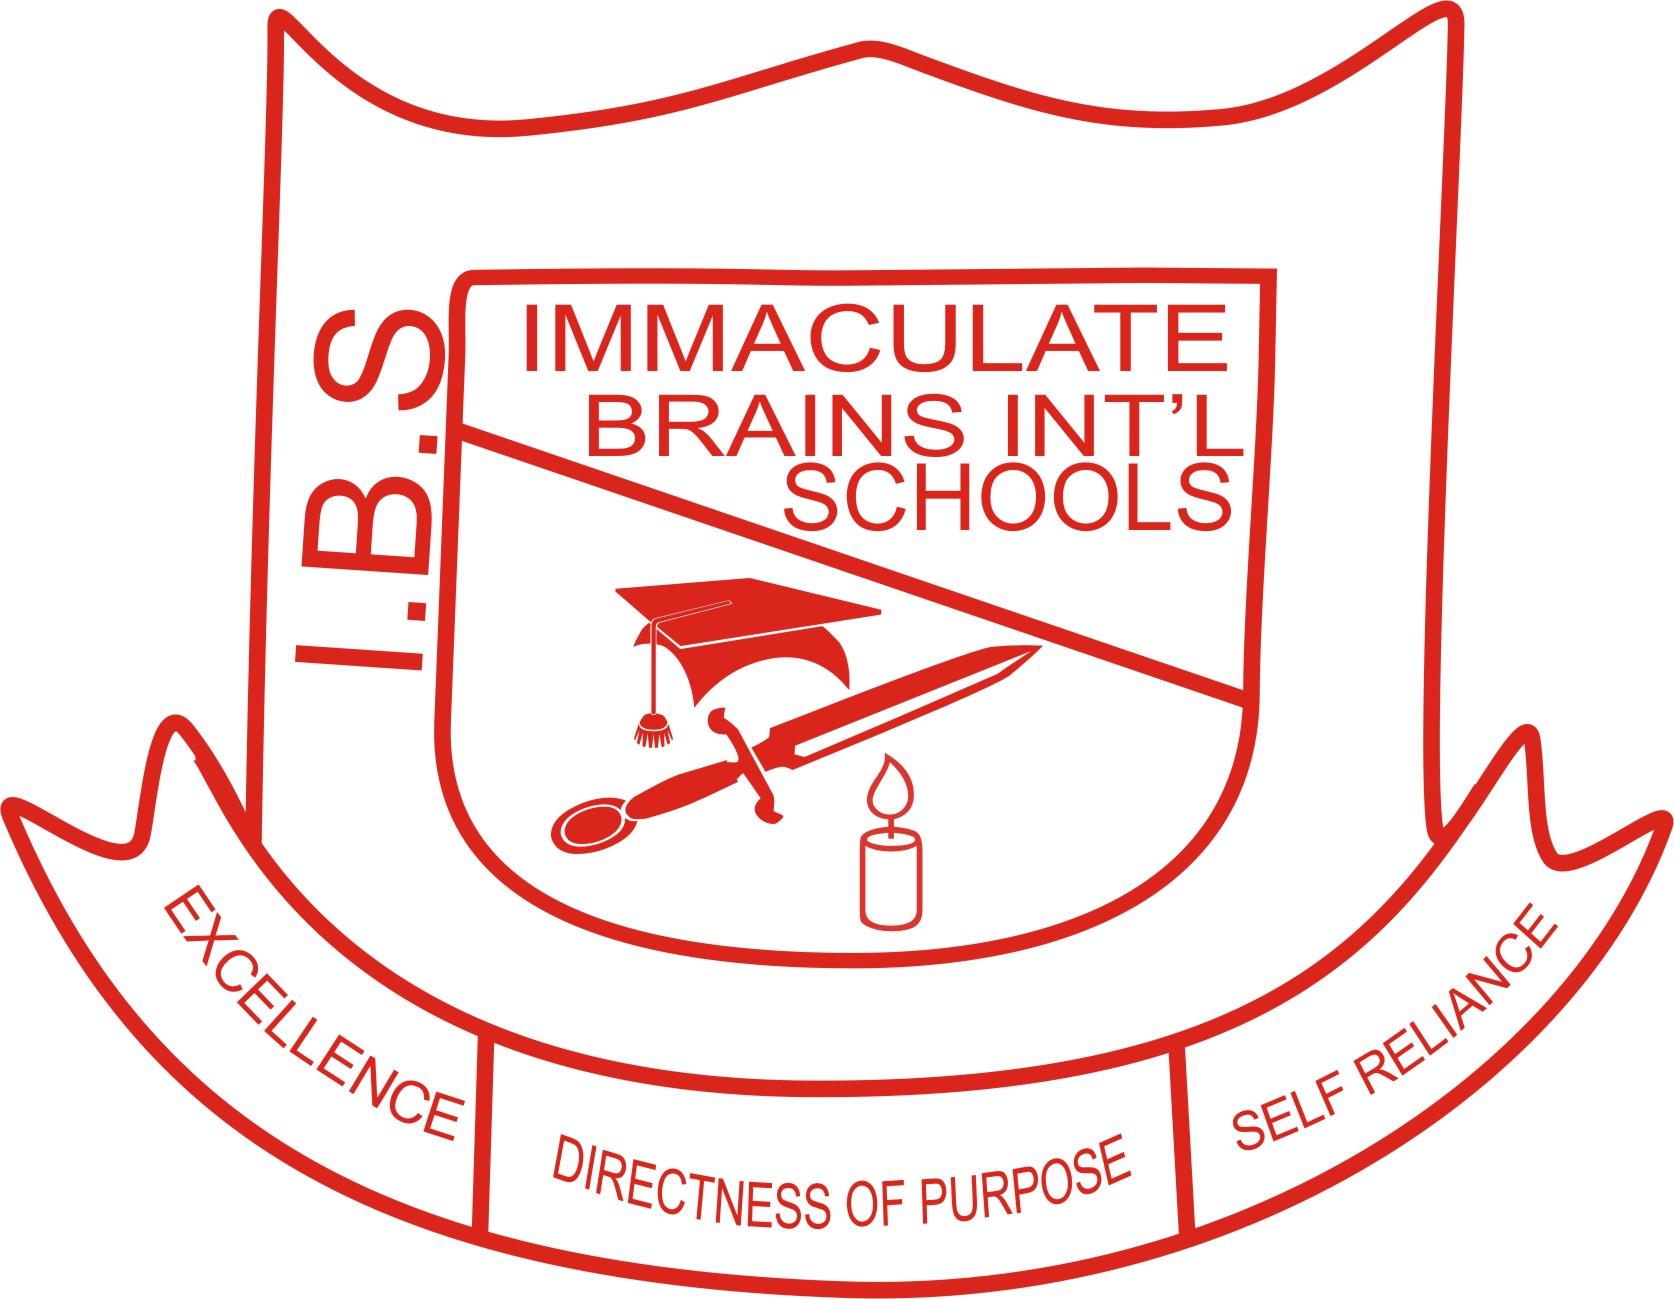 I.B.Schools